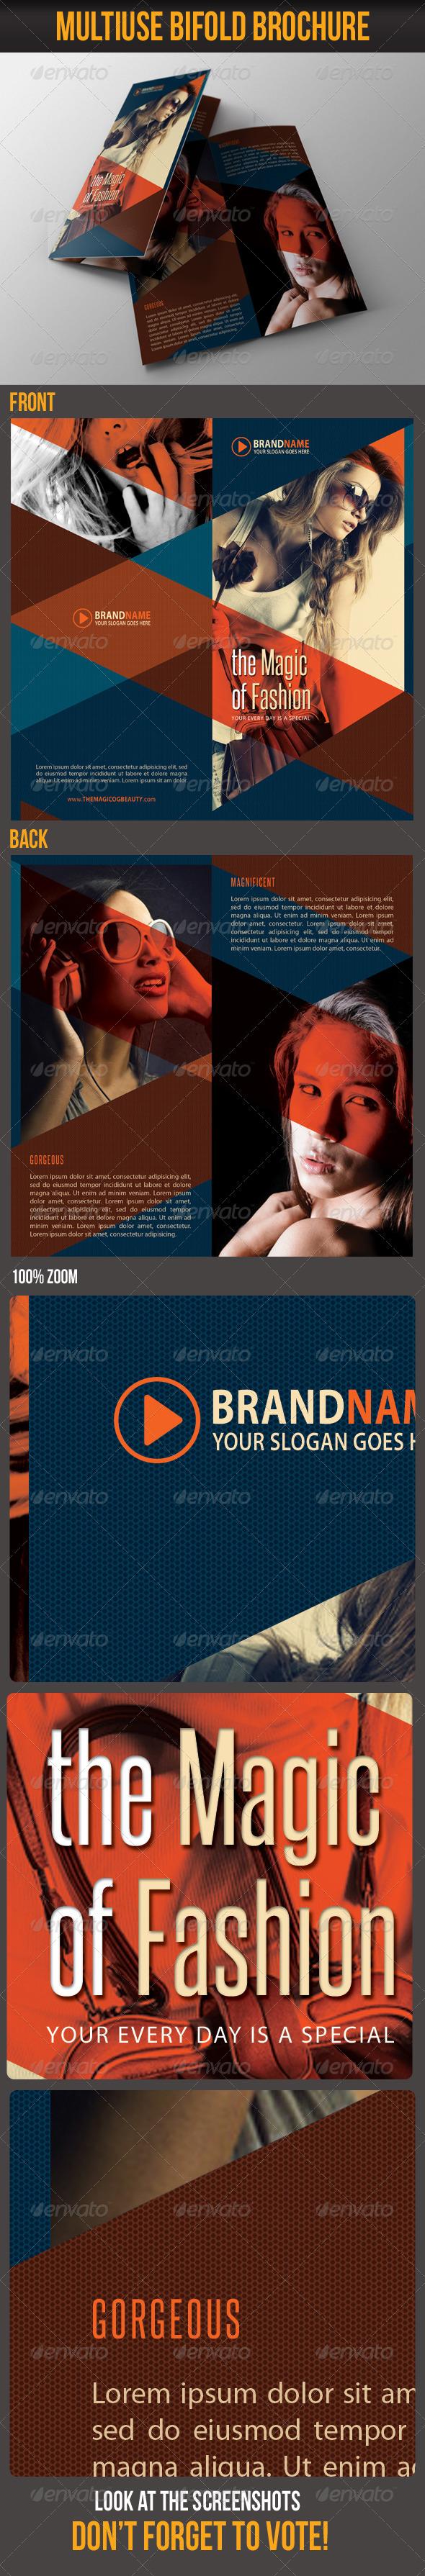 GraphicRiver Multiuse Bifold Brochure 21 6107720